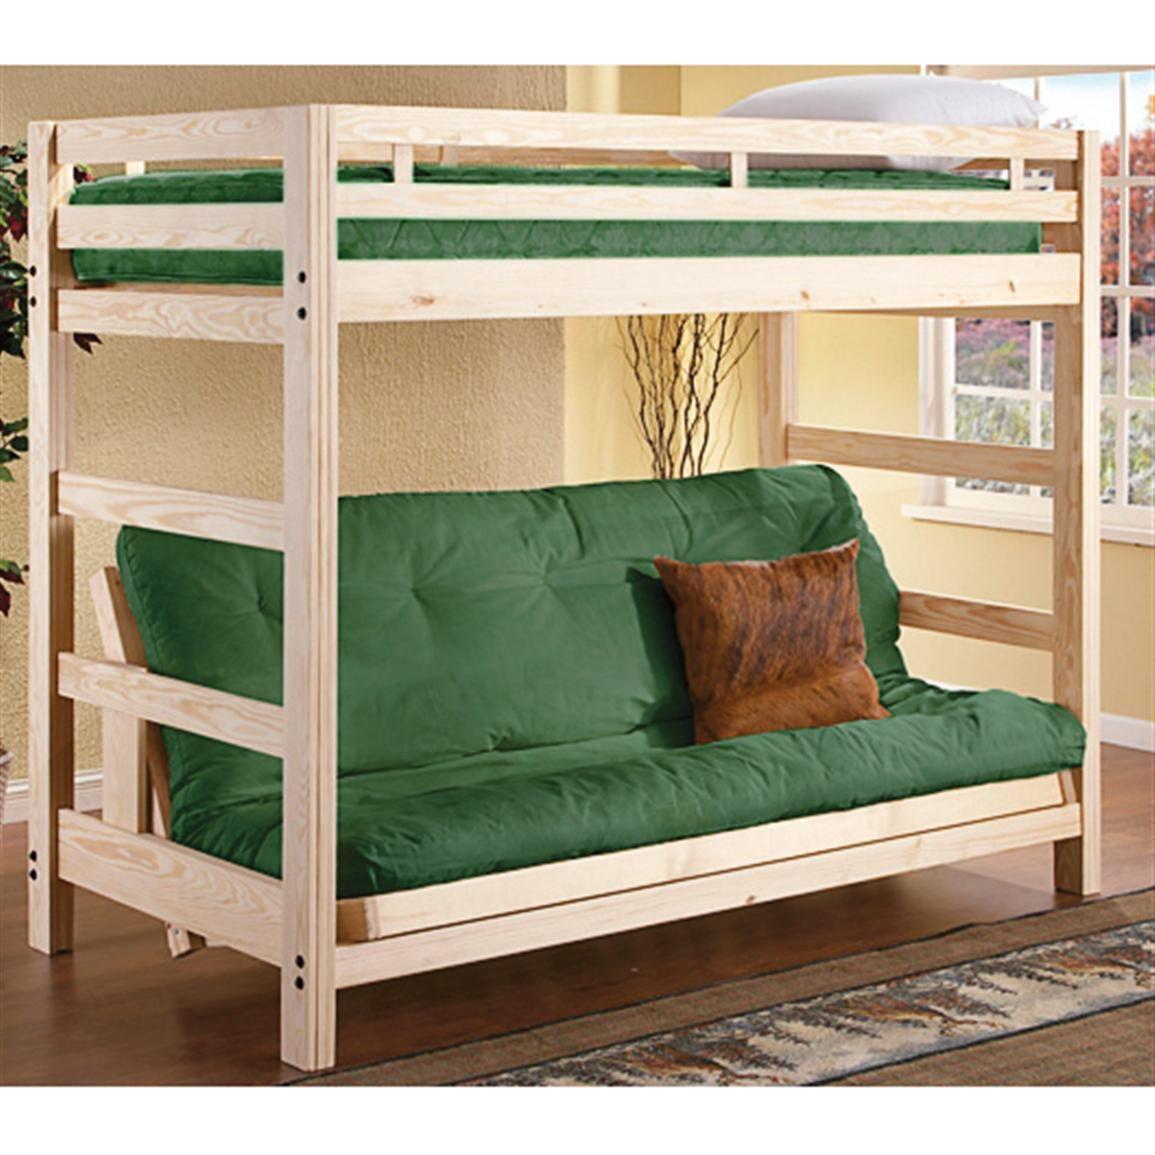 Lakeland mills twin over queen bunk bed amp reviews wayfair - Collegiate Liberty Futon Bunk